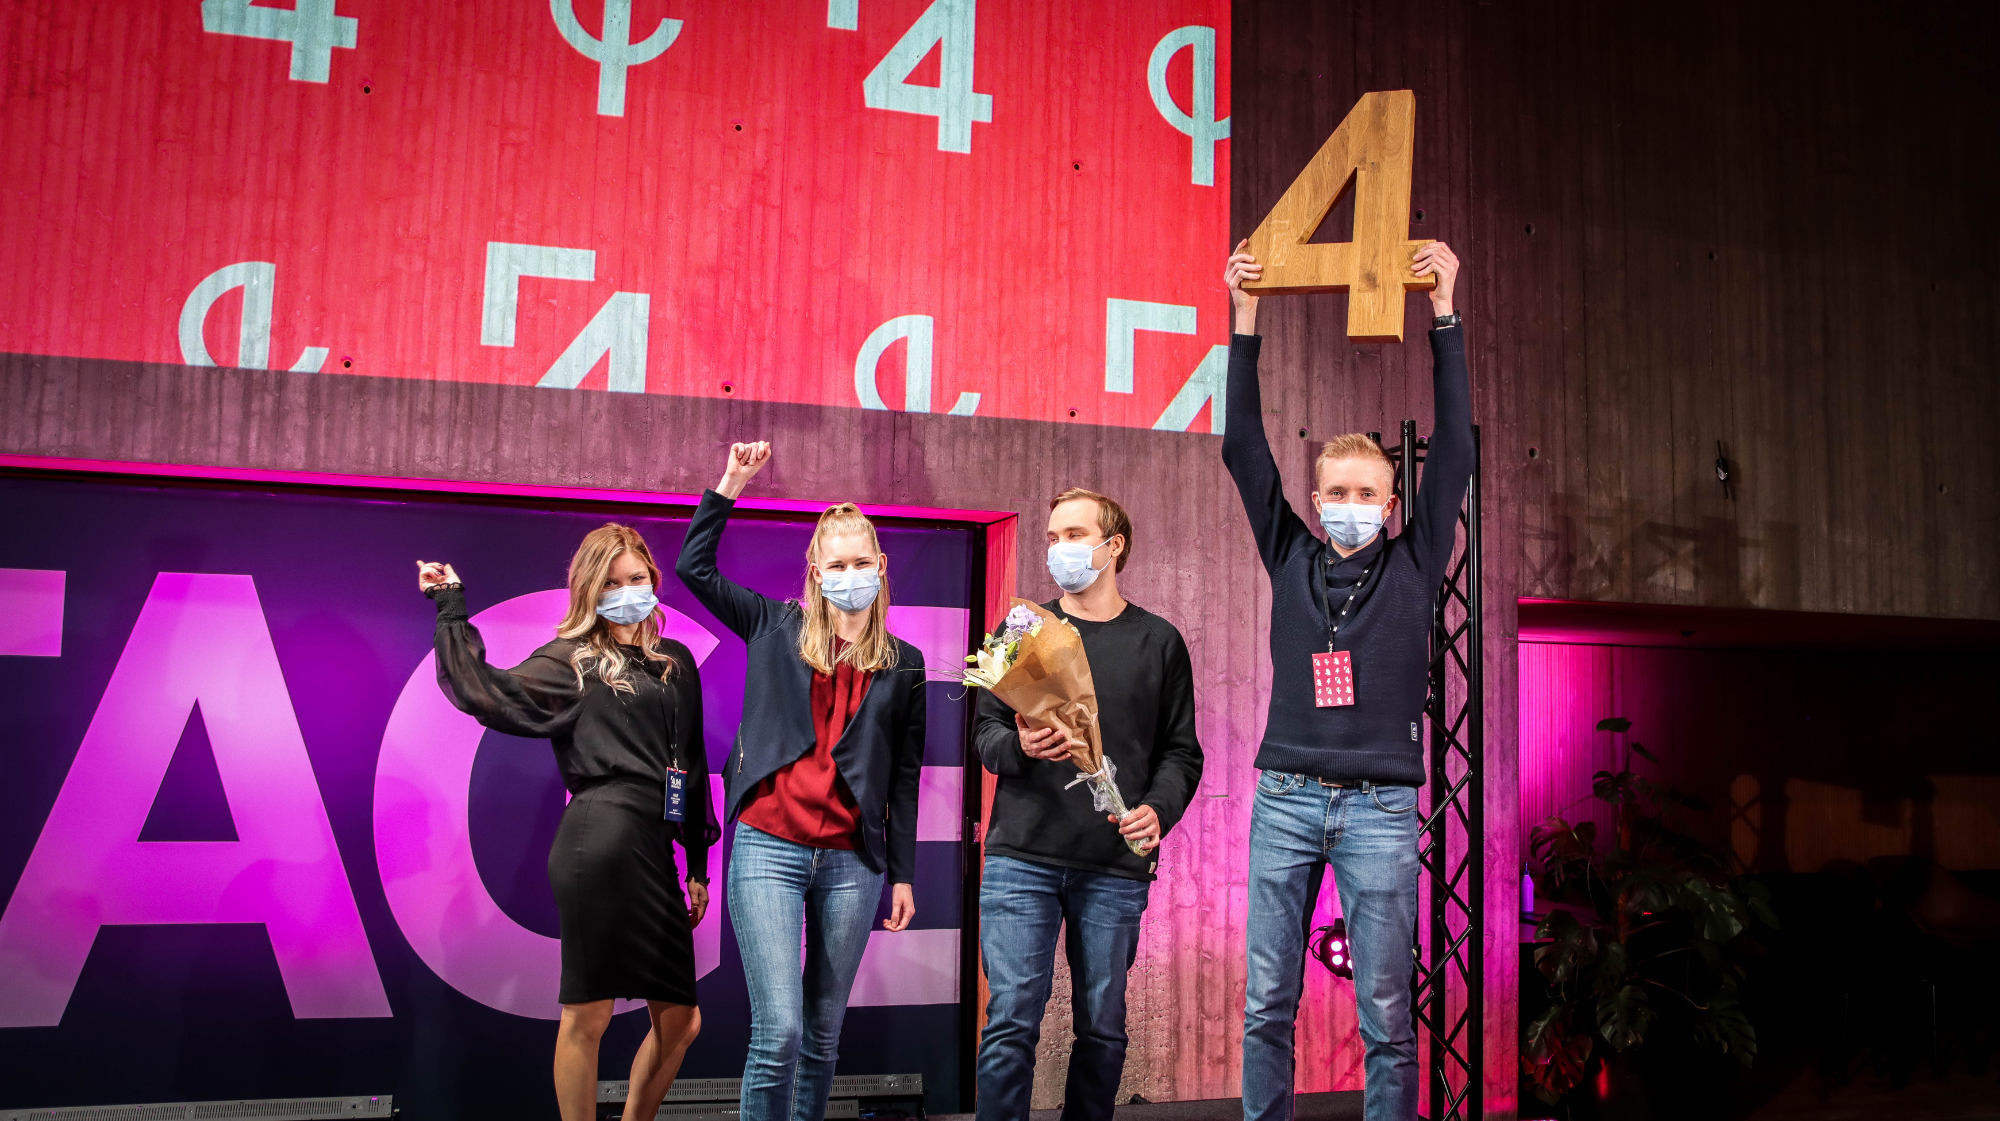 4UNI voittajatiimi Etä-Eko juhlimassa voittoaan lavalla.